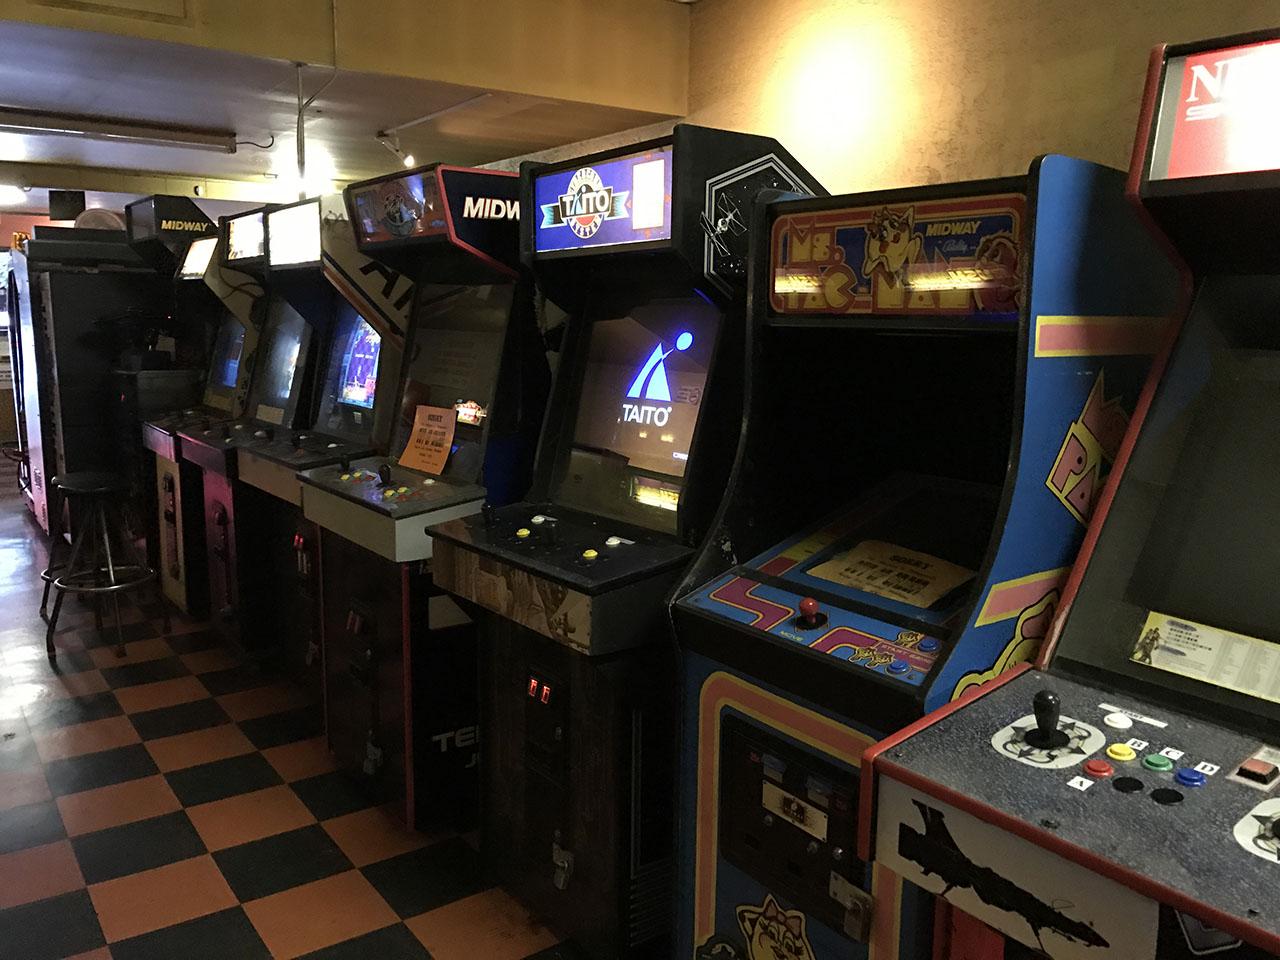 ゲームセンター、カラオケ、ボーリング、ビリヤードメイン画像